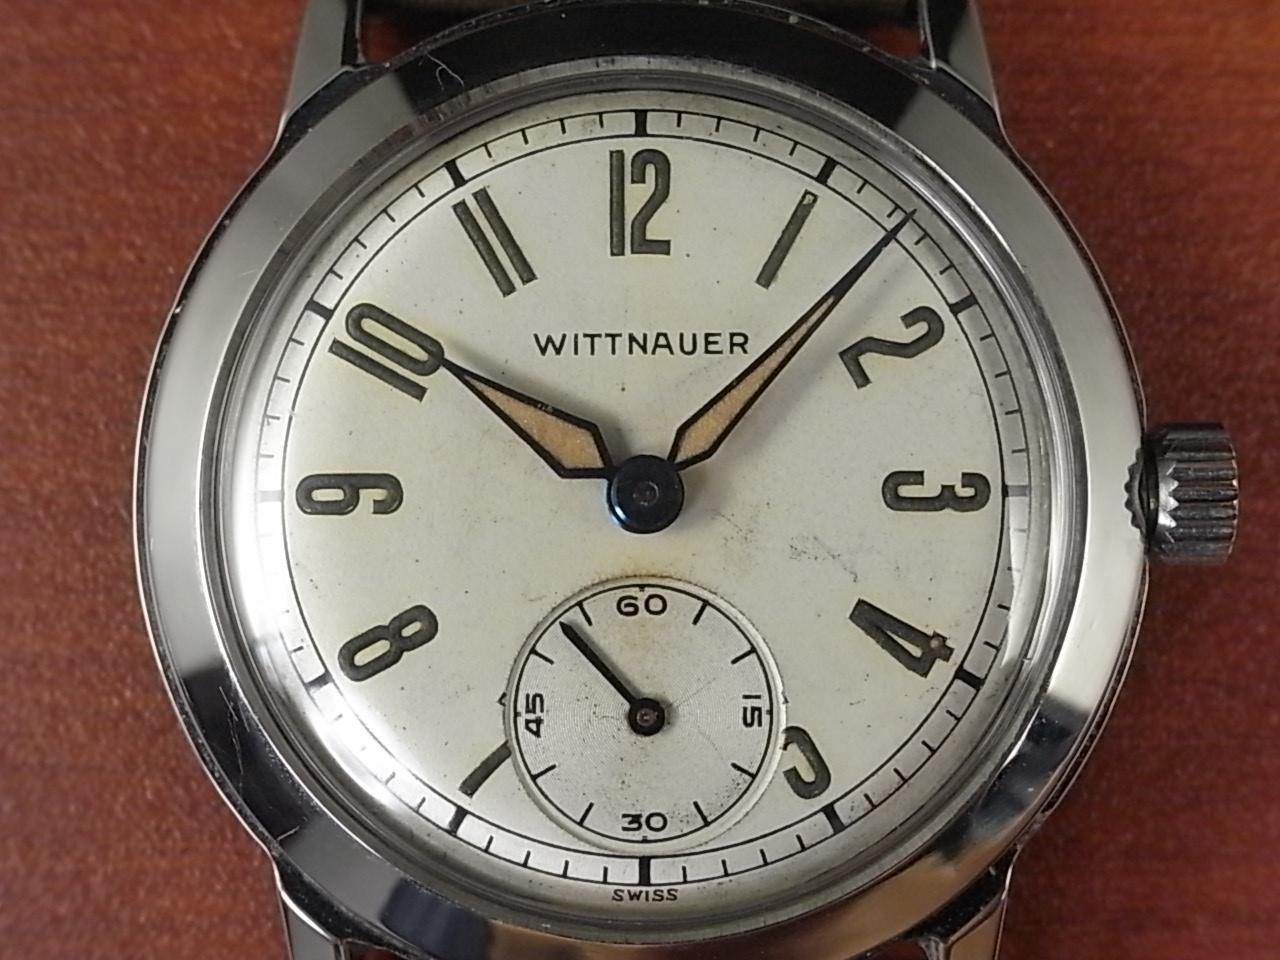 ウィットナー ホワイトダイアル スモールセコンド スクリューバック 1940年代の写真2枚目